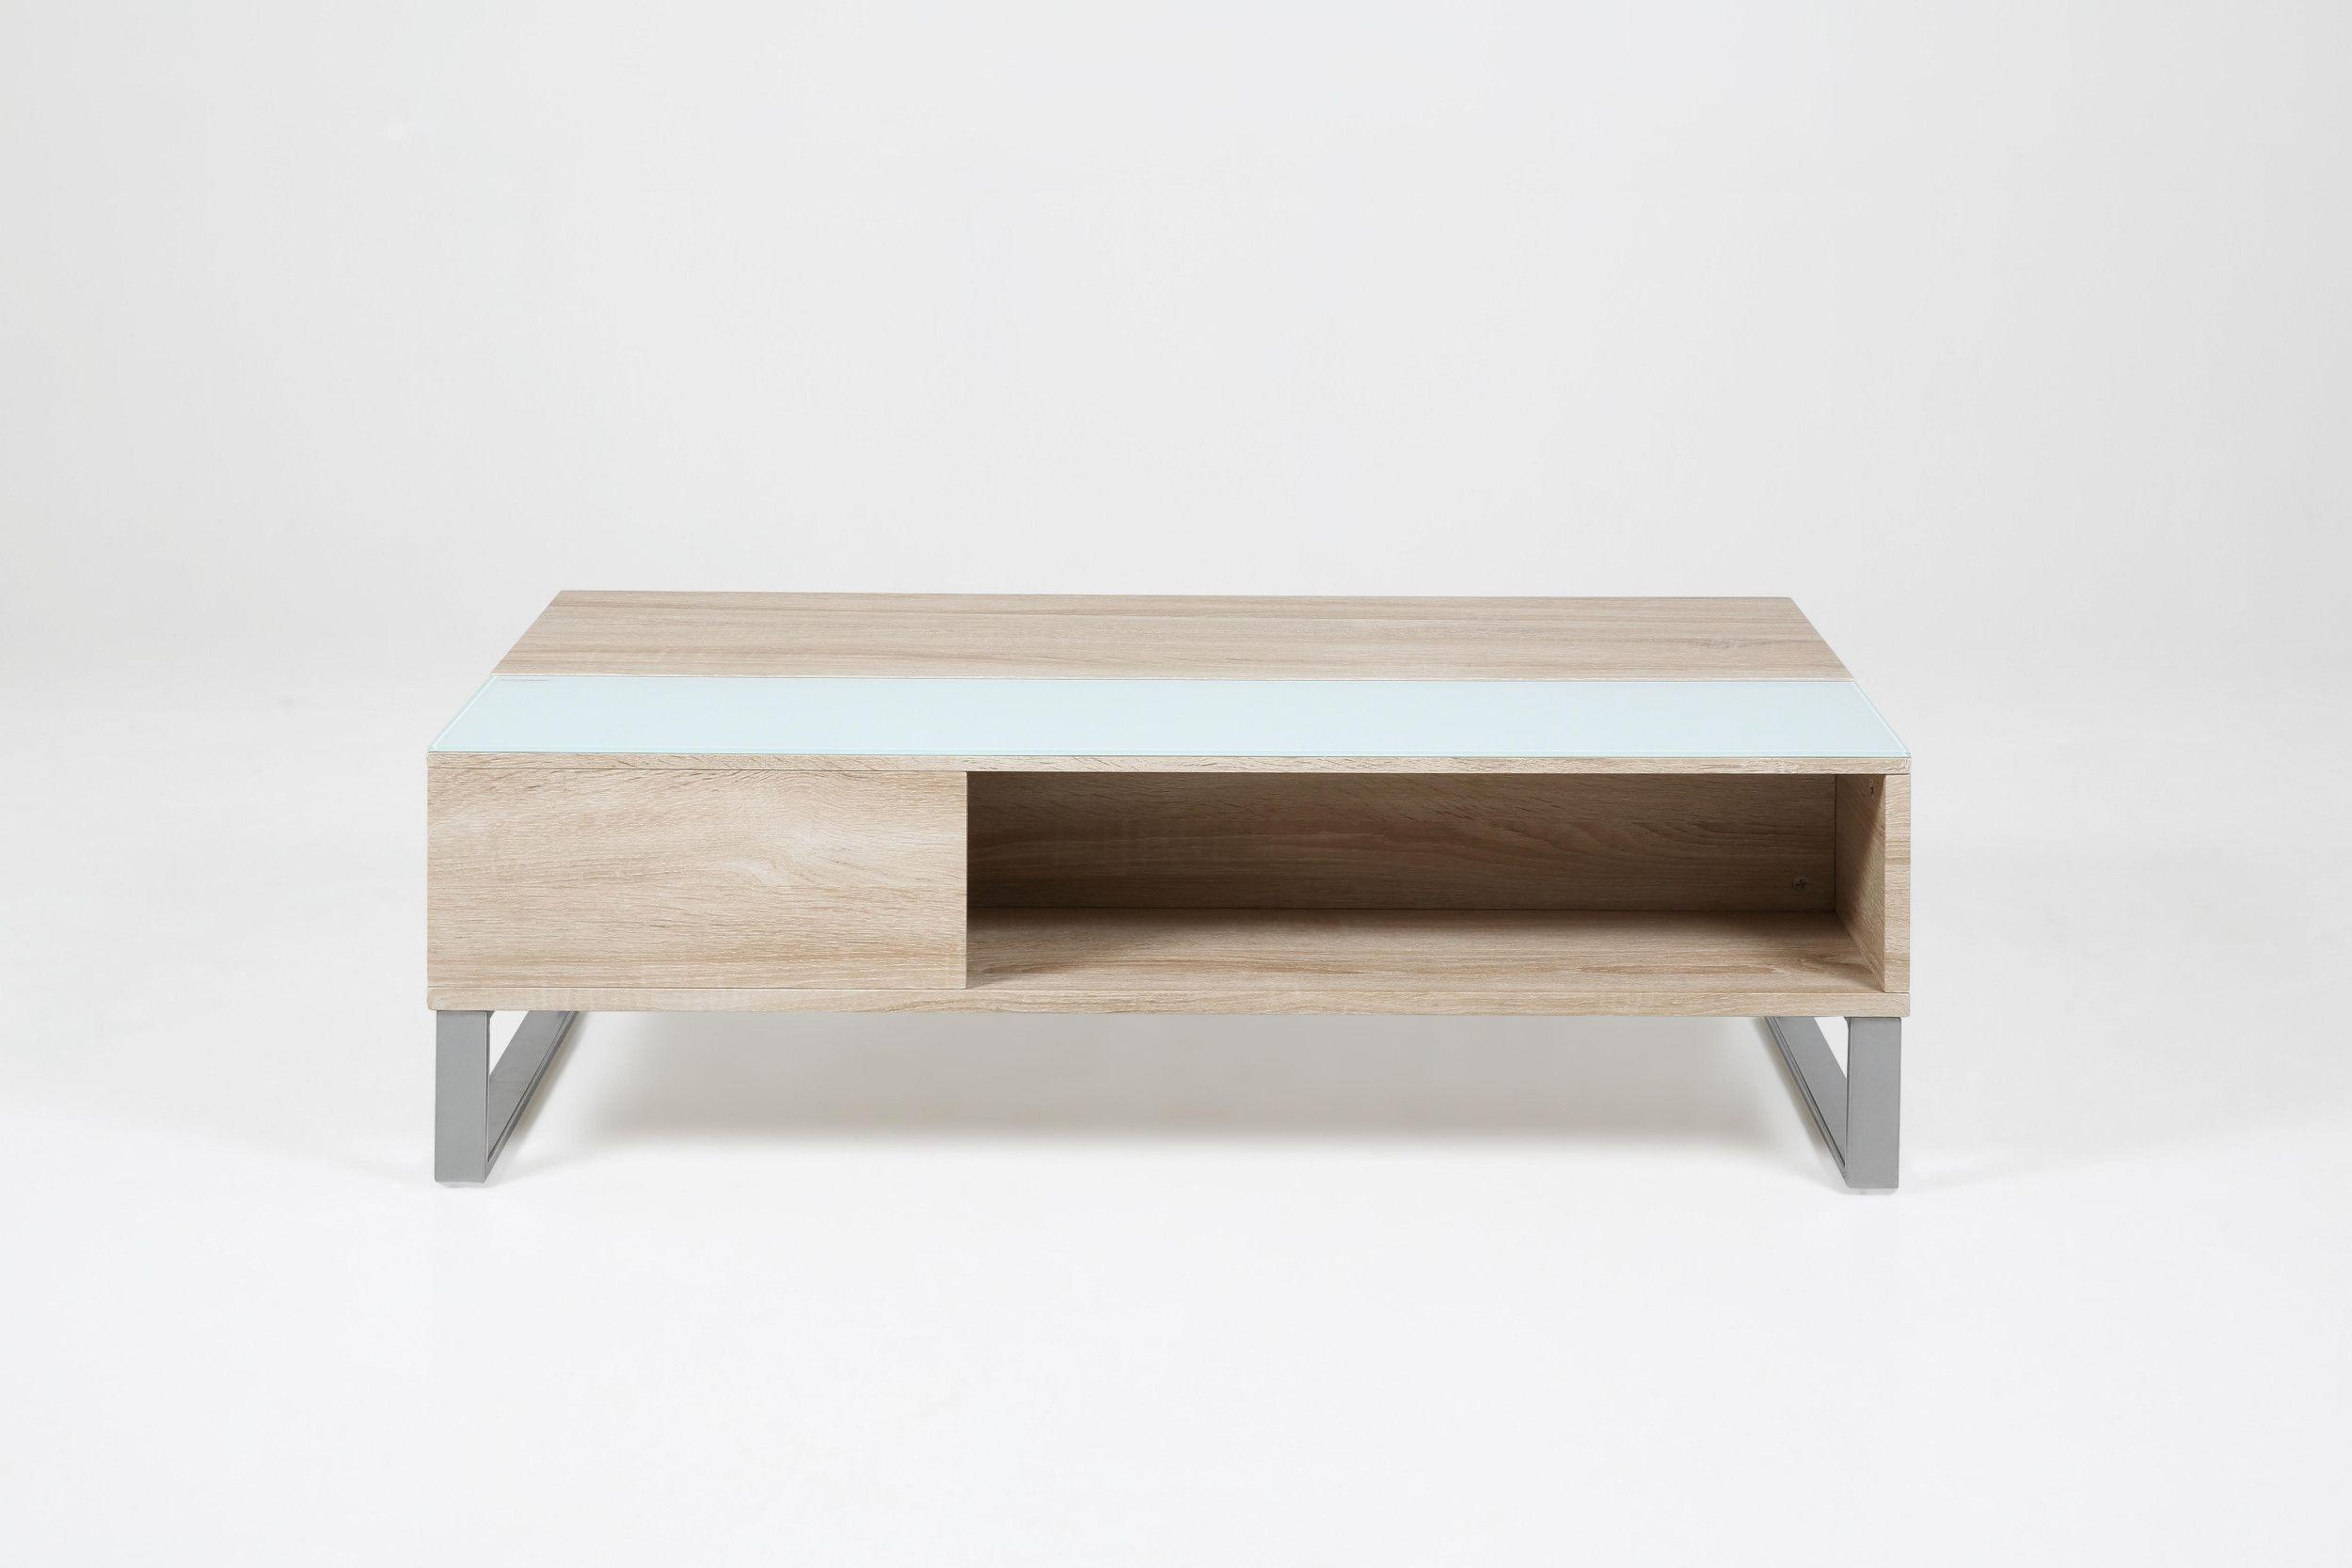 Couchtisch Glas Weiss/ Sonoma Eiche Woody 16900205 modern